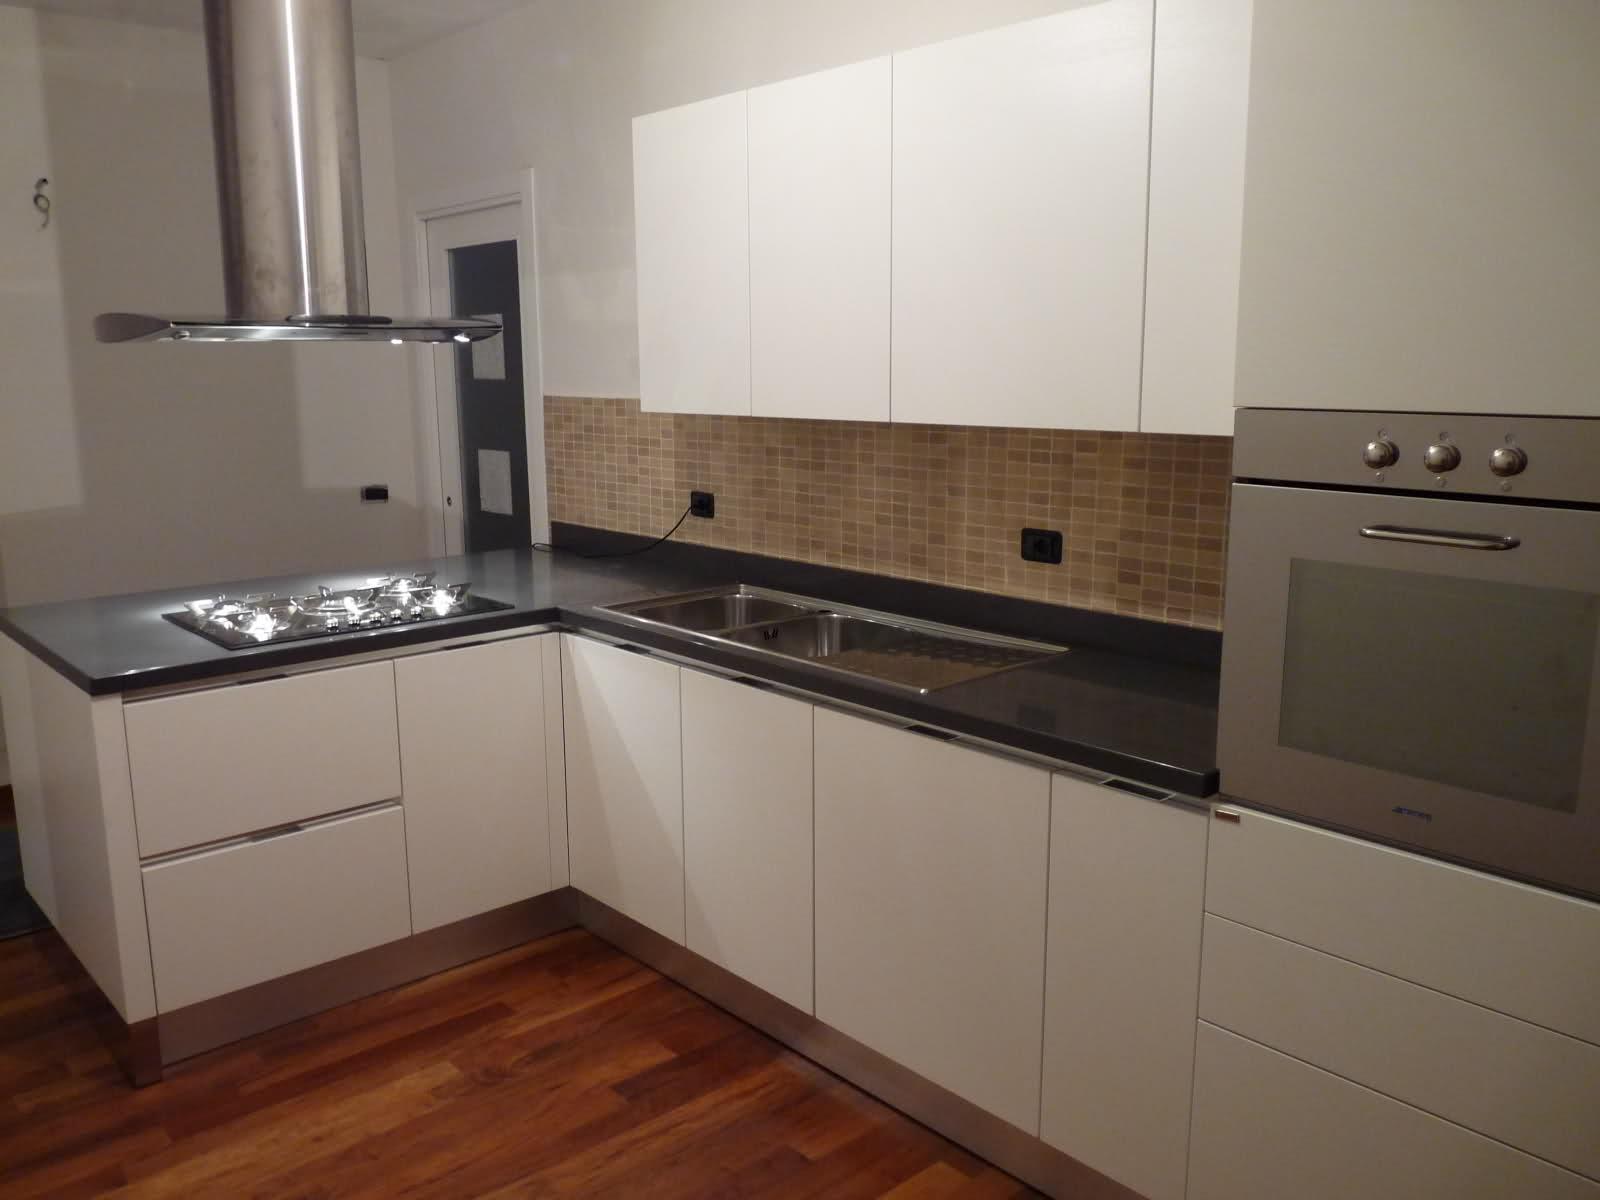 Ristrutturazione rifacimento cucine a bologna aedil snc - Rivestimento cucina bianca ...